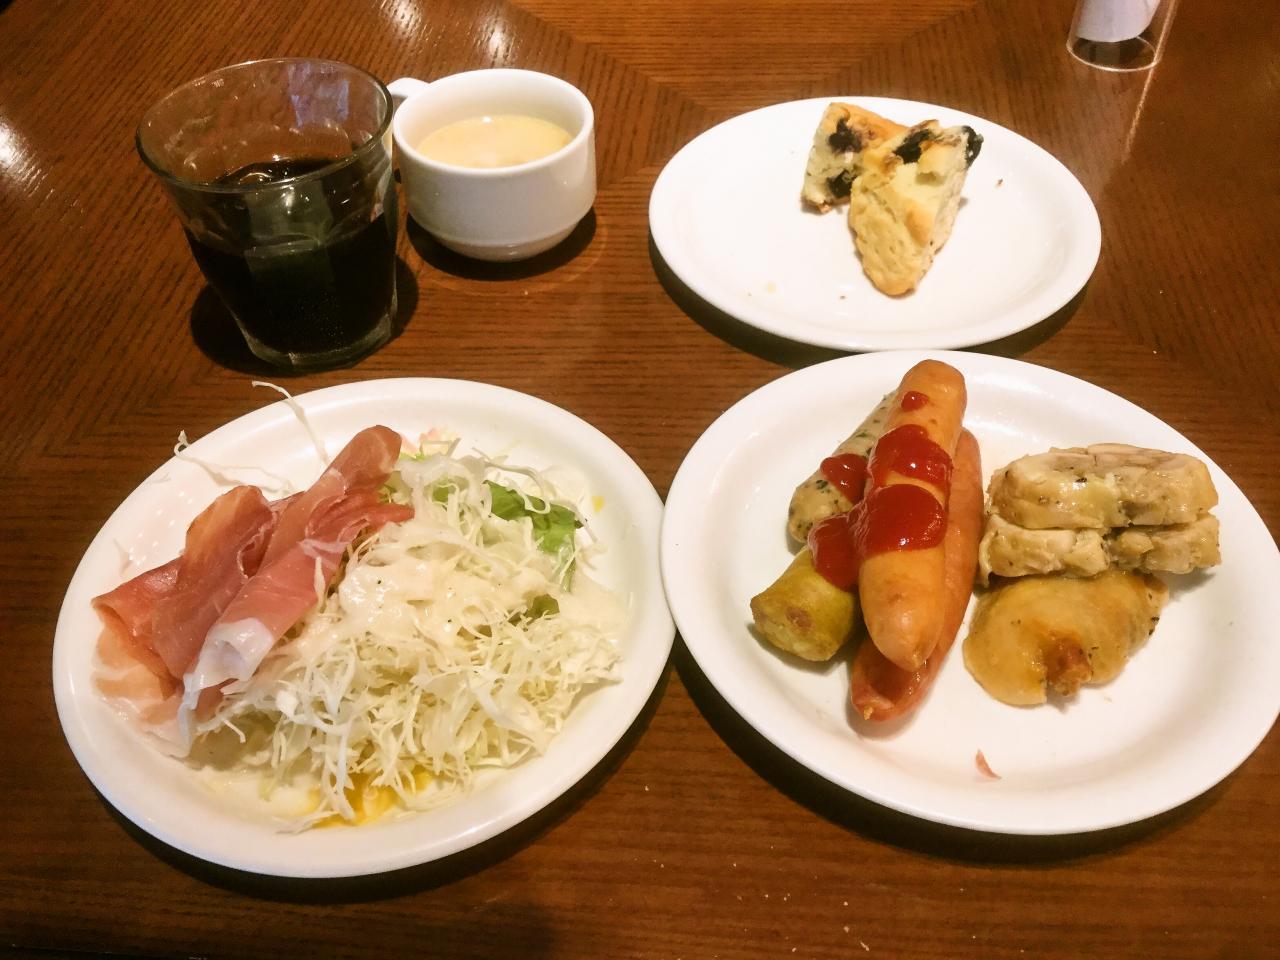 バルマルシェコダマ ステーキ&ロブスター アトレ目黒店(料理)